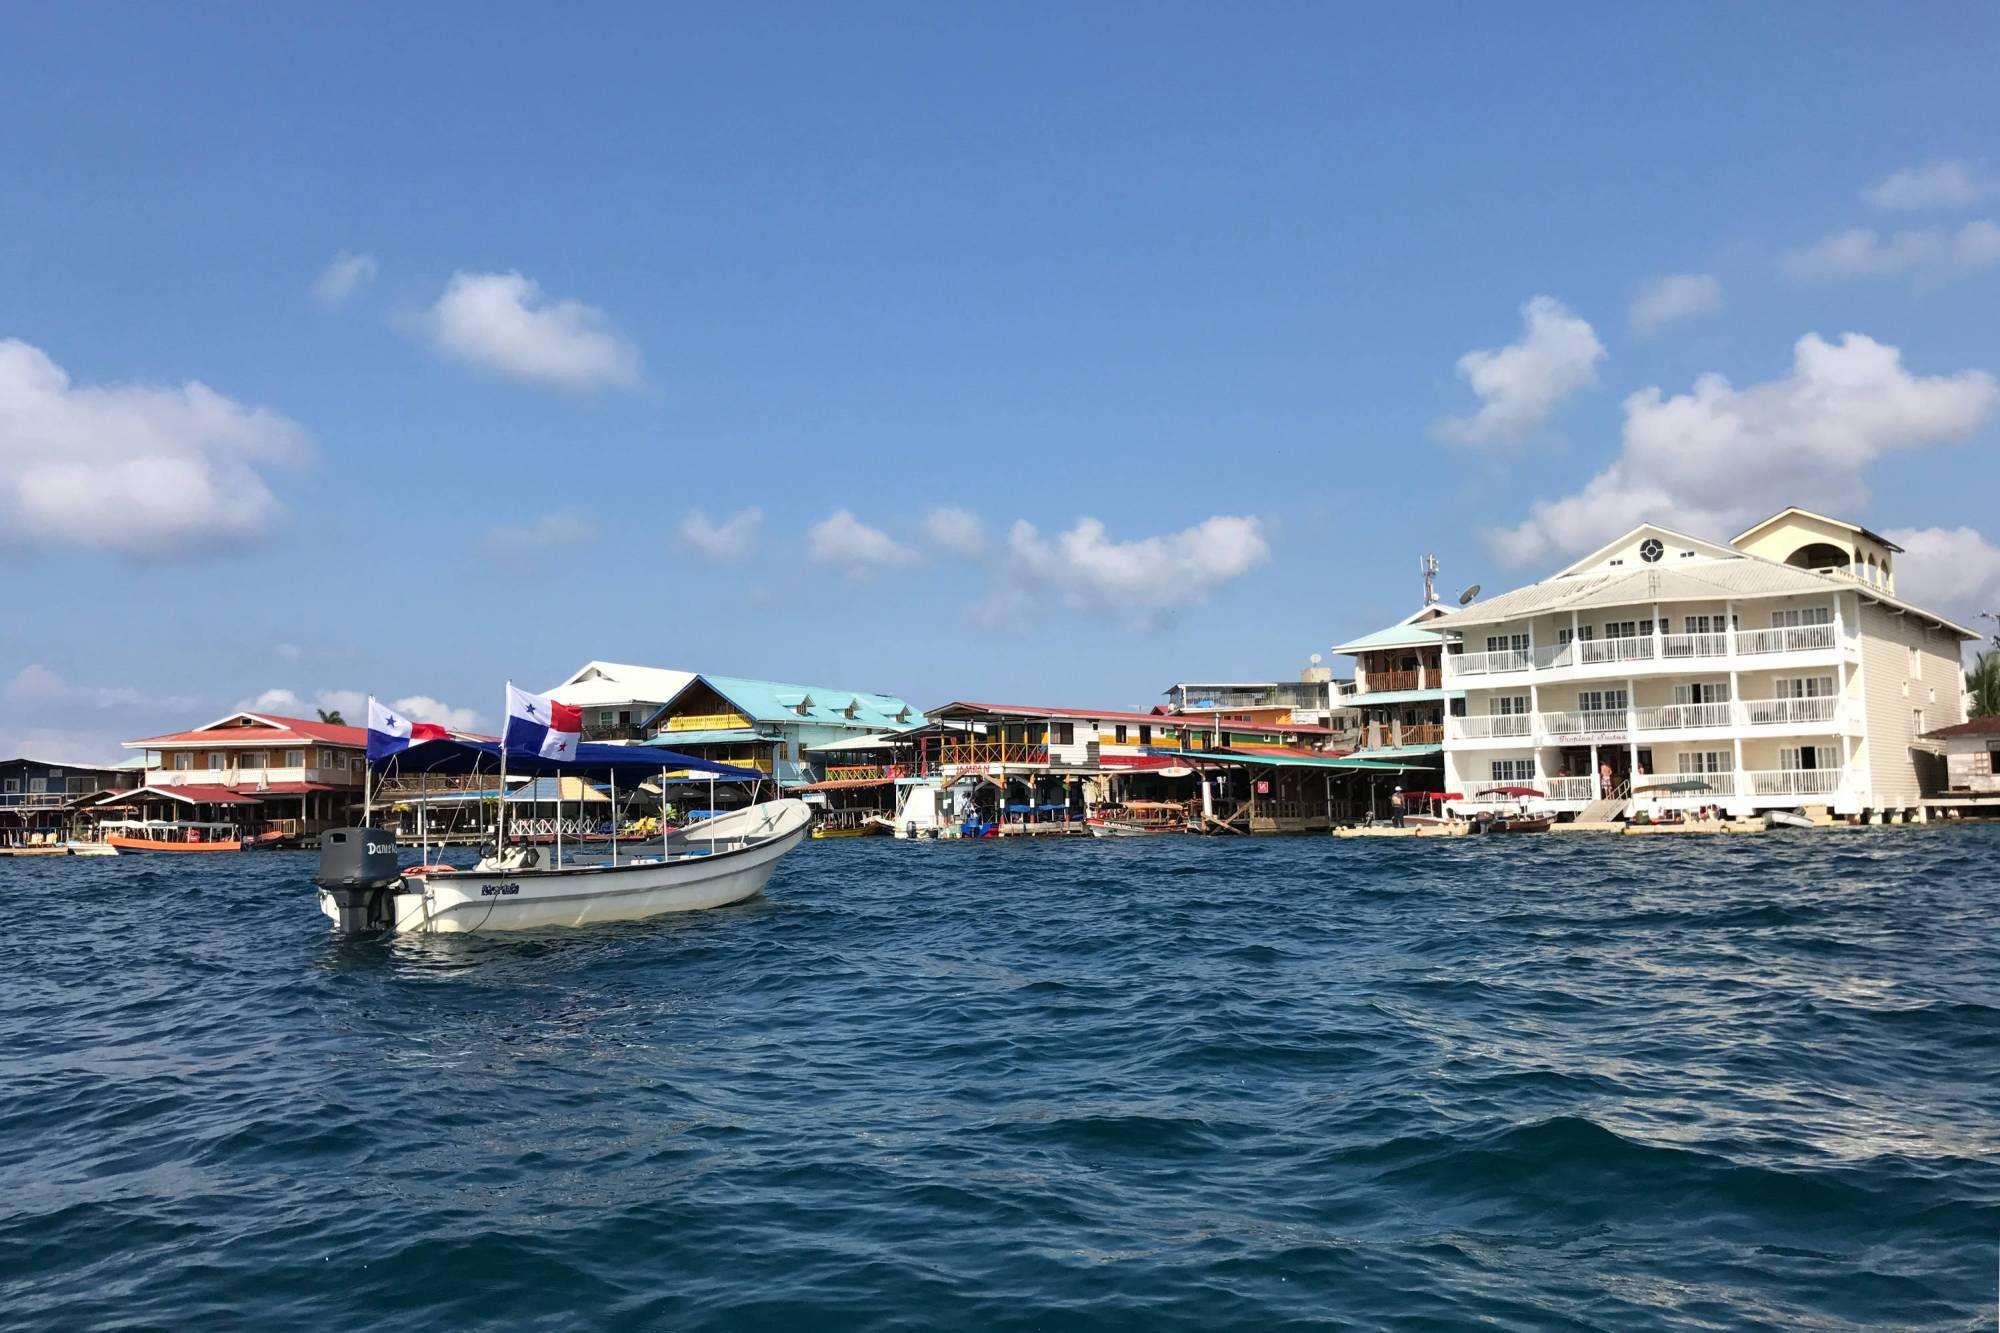 La calle primera del pueblo de Bocas del Toro vista desde el mar, Panamá